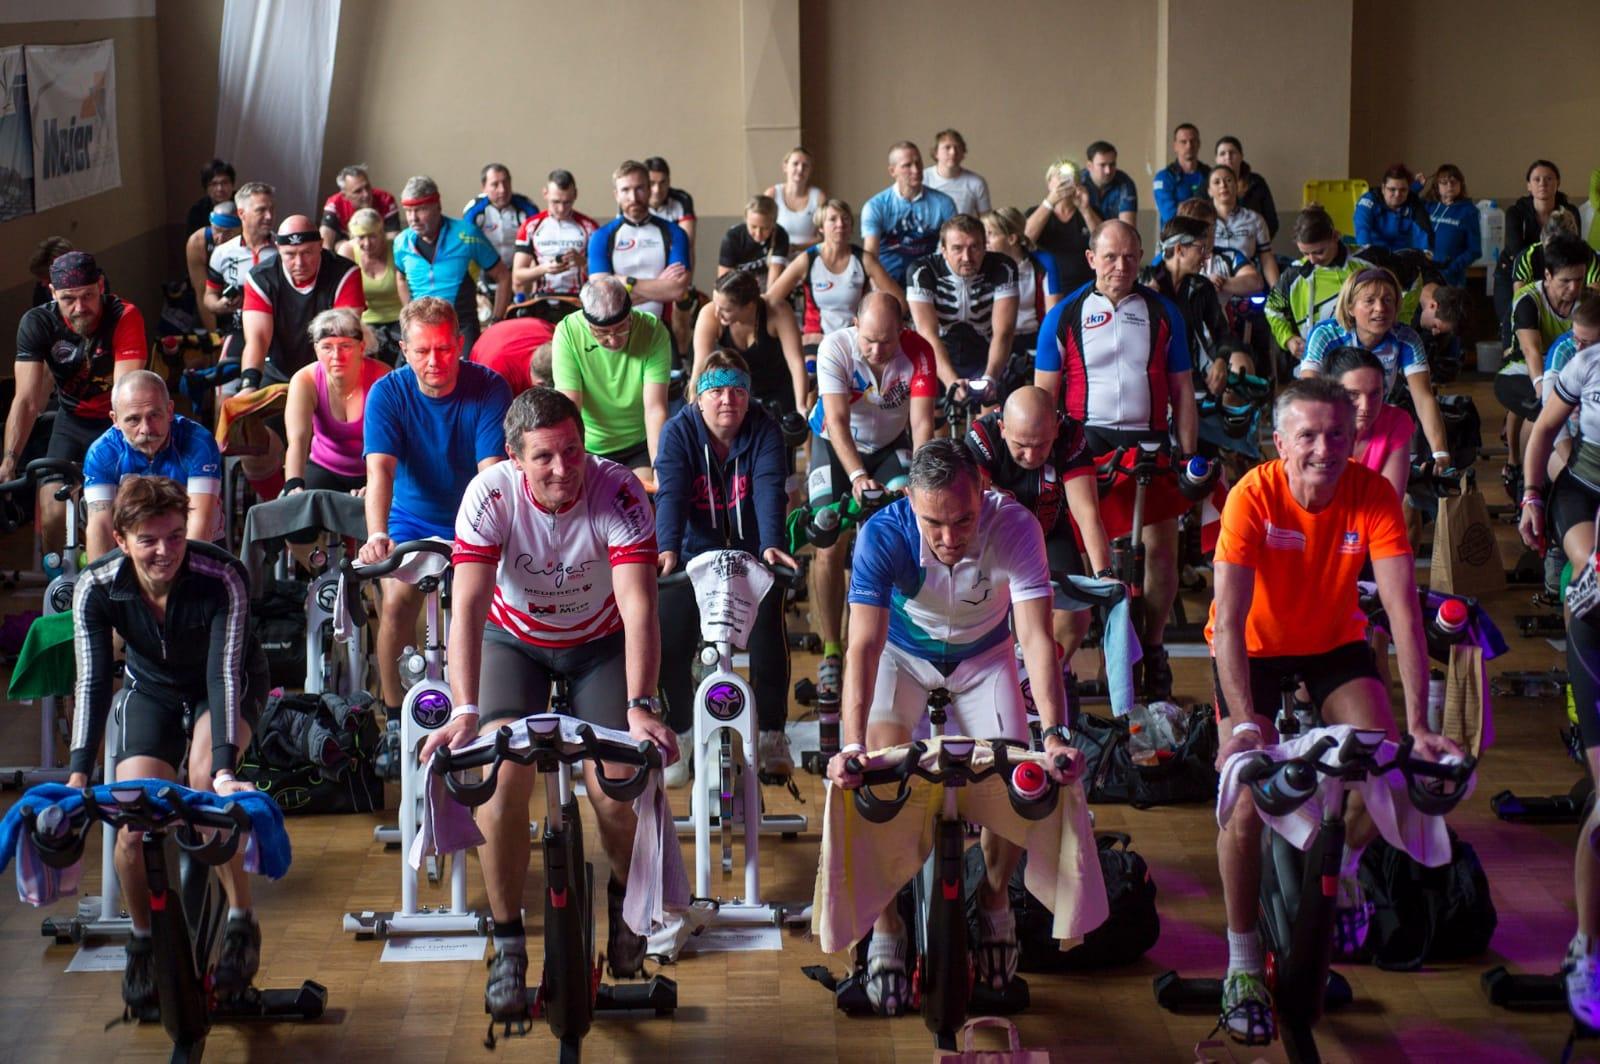 Fit bleiben und Gutes tun: Beim Charitycycling-Indoormarathon in Rasch traten 215 Sportbegeisterte mit sichtlich Spaß fleißig in die Pedale.